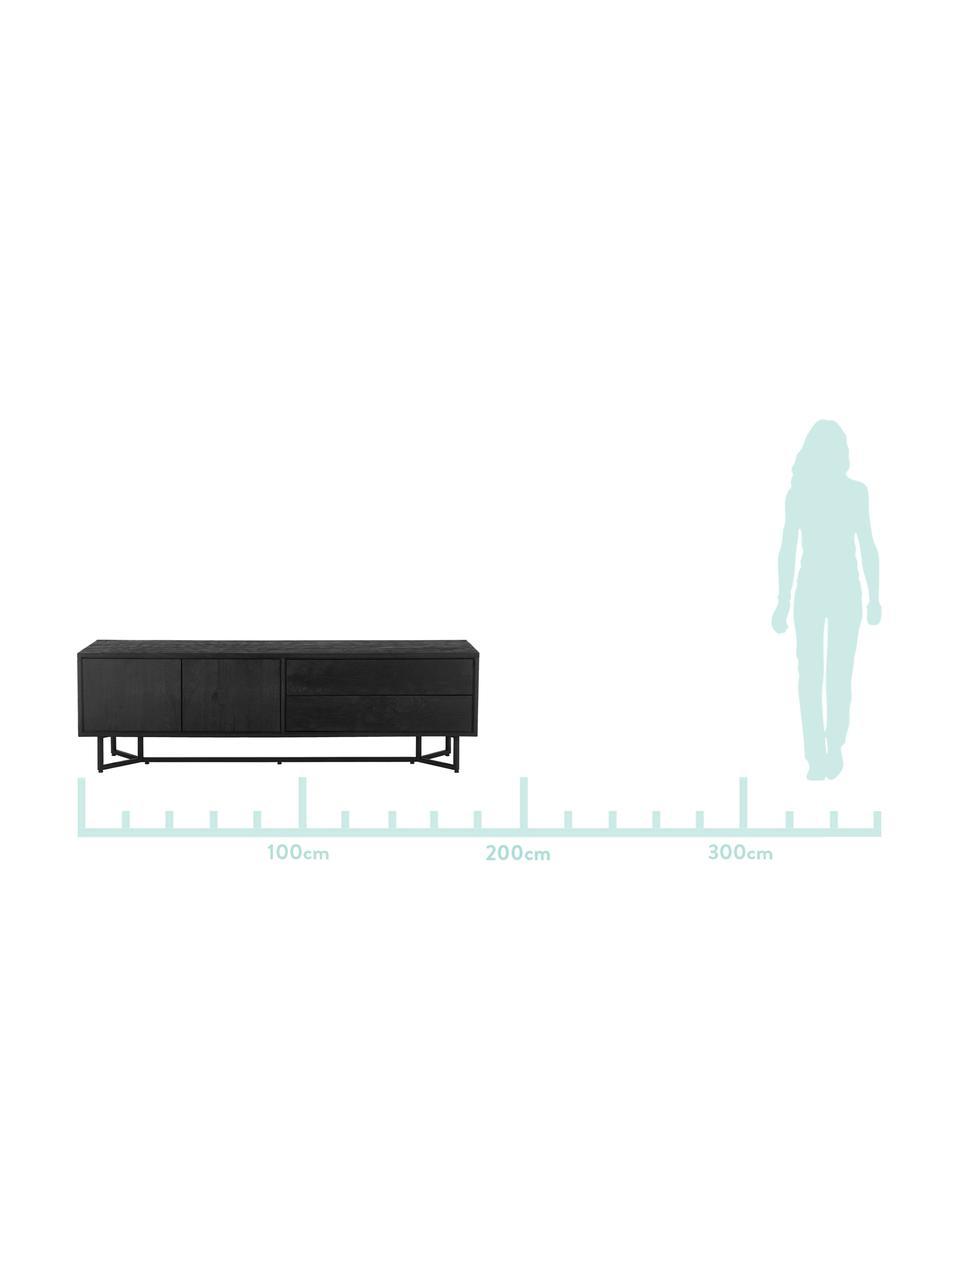 Schwarzes Lowboard Luca aus massivem Mangoholz, Korpus: Massives Mangoholz, gebür, Gestell: Metall, pulverbeschichtet, Korpus: Schwarz, lackiertGestell: Schwarz, matt, 180 x 54 cm